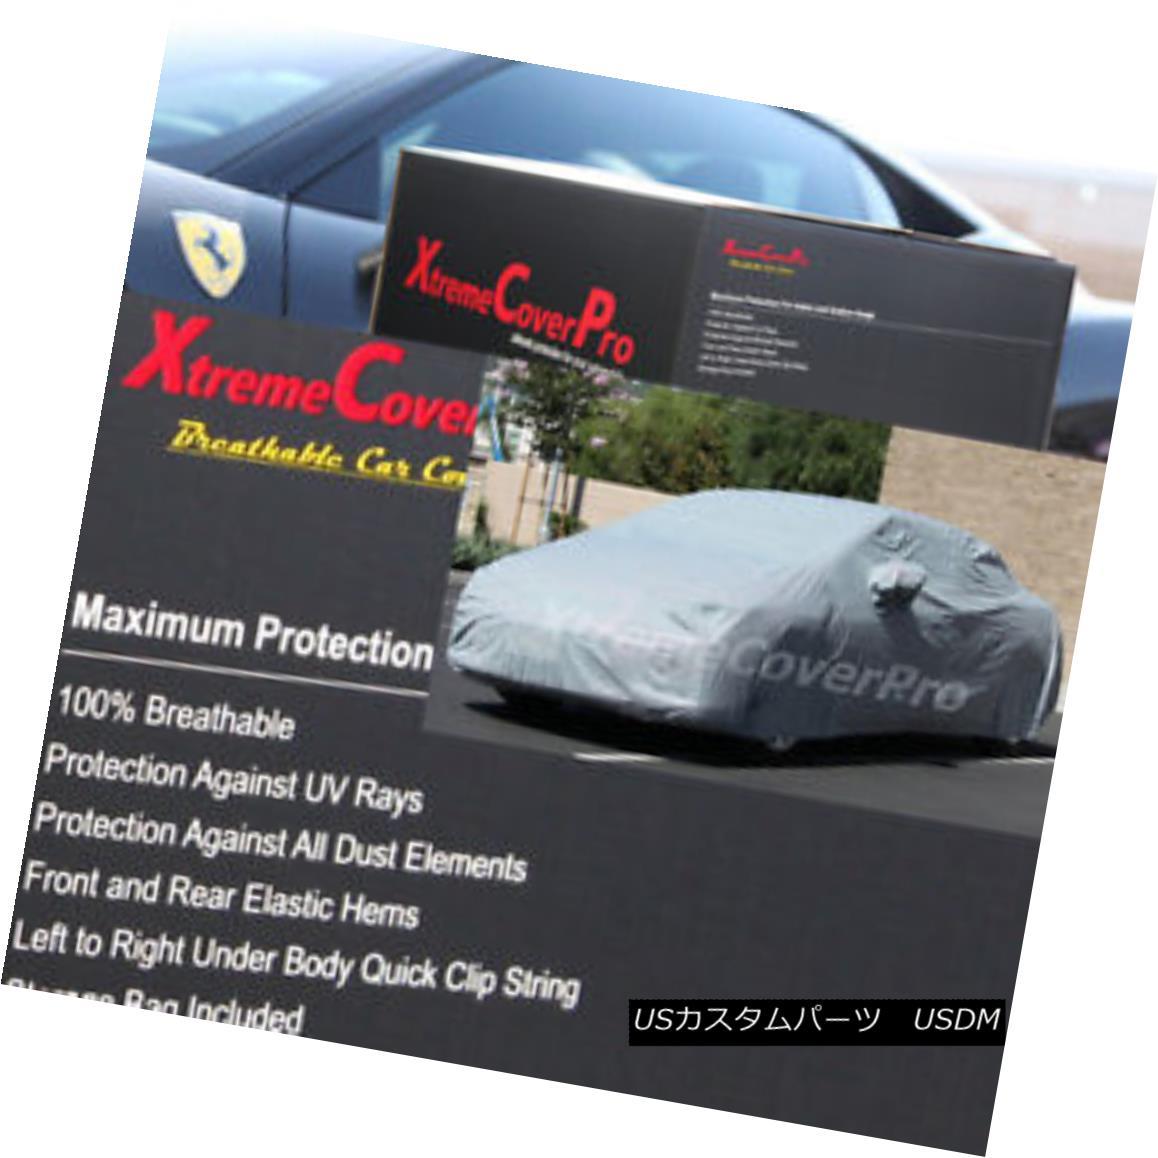 カーカバー 2004 2005 2006 2007 2008 2009 Volvo S60 Breathable Car Cover w/MirrorPocket 2004年2005年2006年2007年2008年2009年Volvo S60通気性車カバー付きMirrorPocket